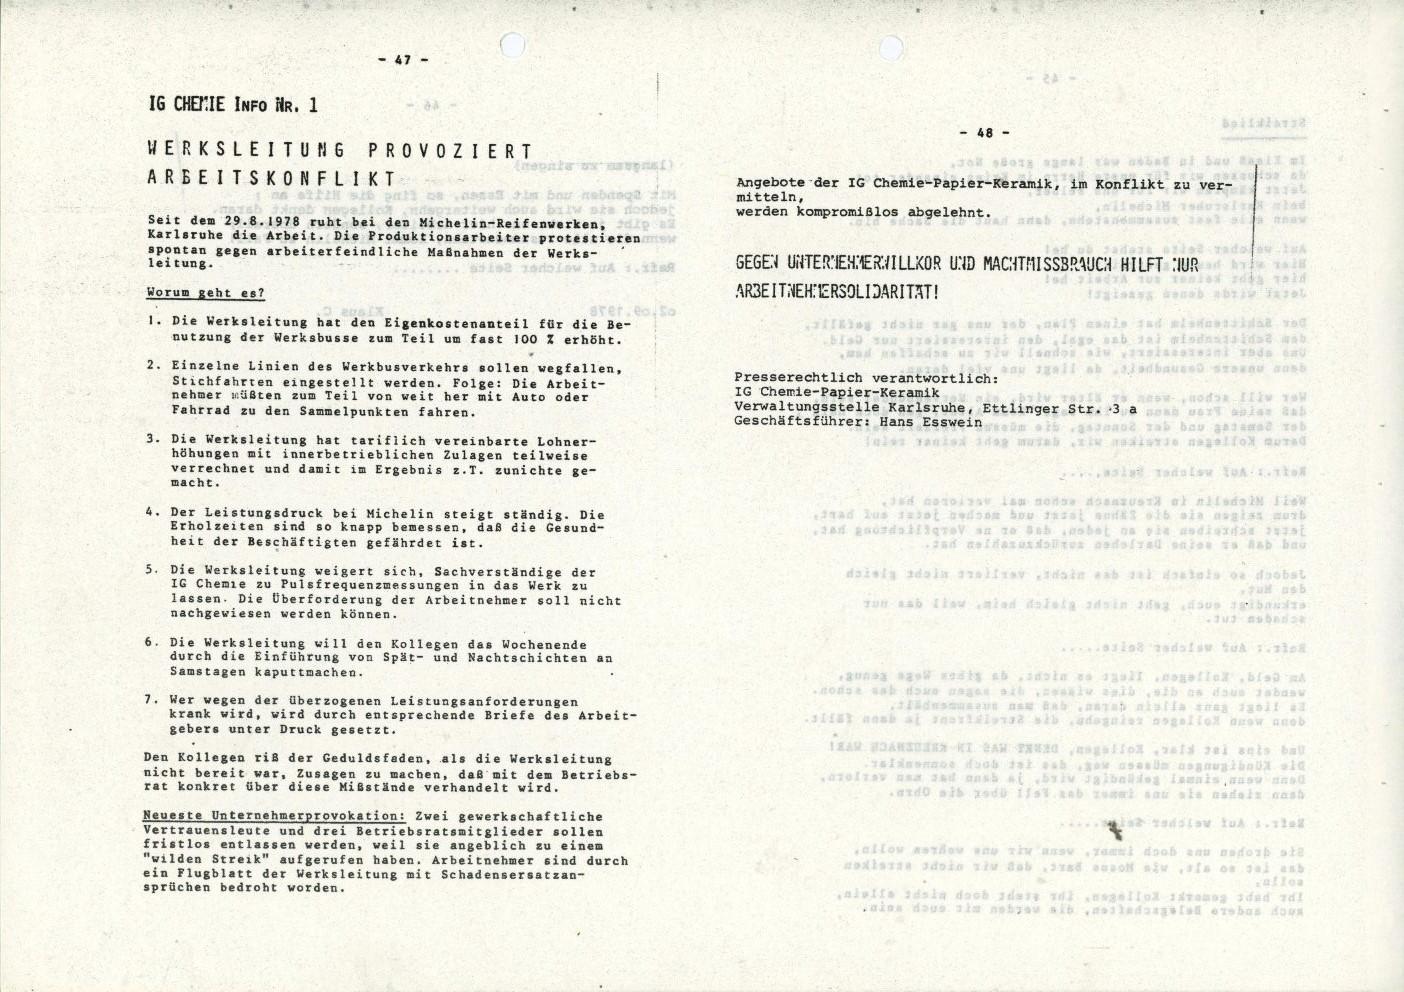 Karlsruhe_Michelin_IGCPK_Doku_zum_Arbeitskonflikt_1978_23